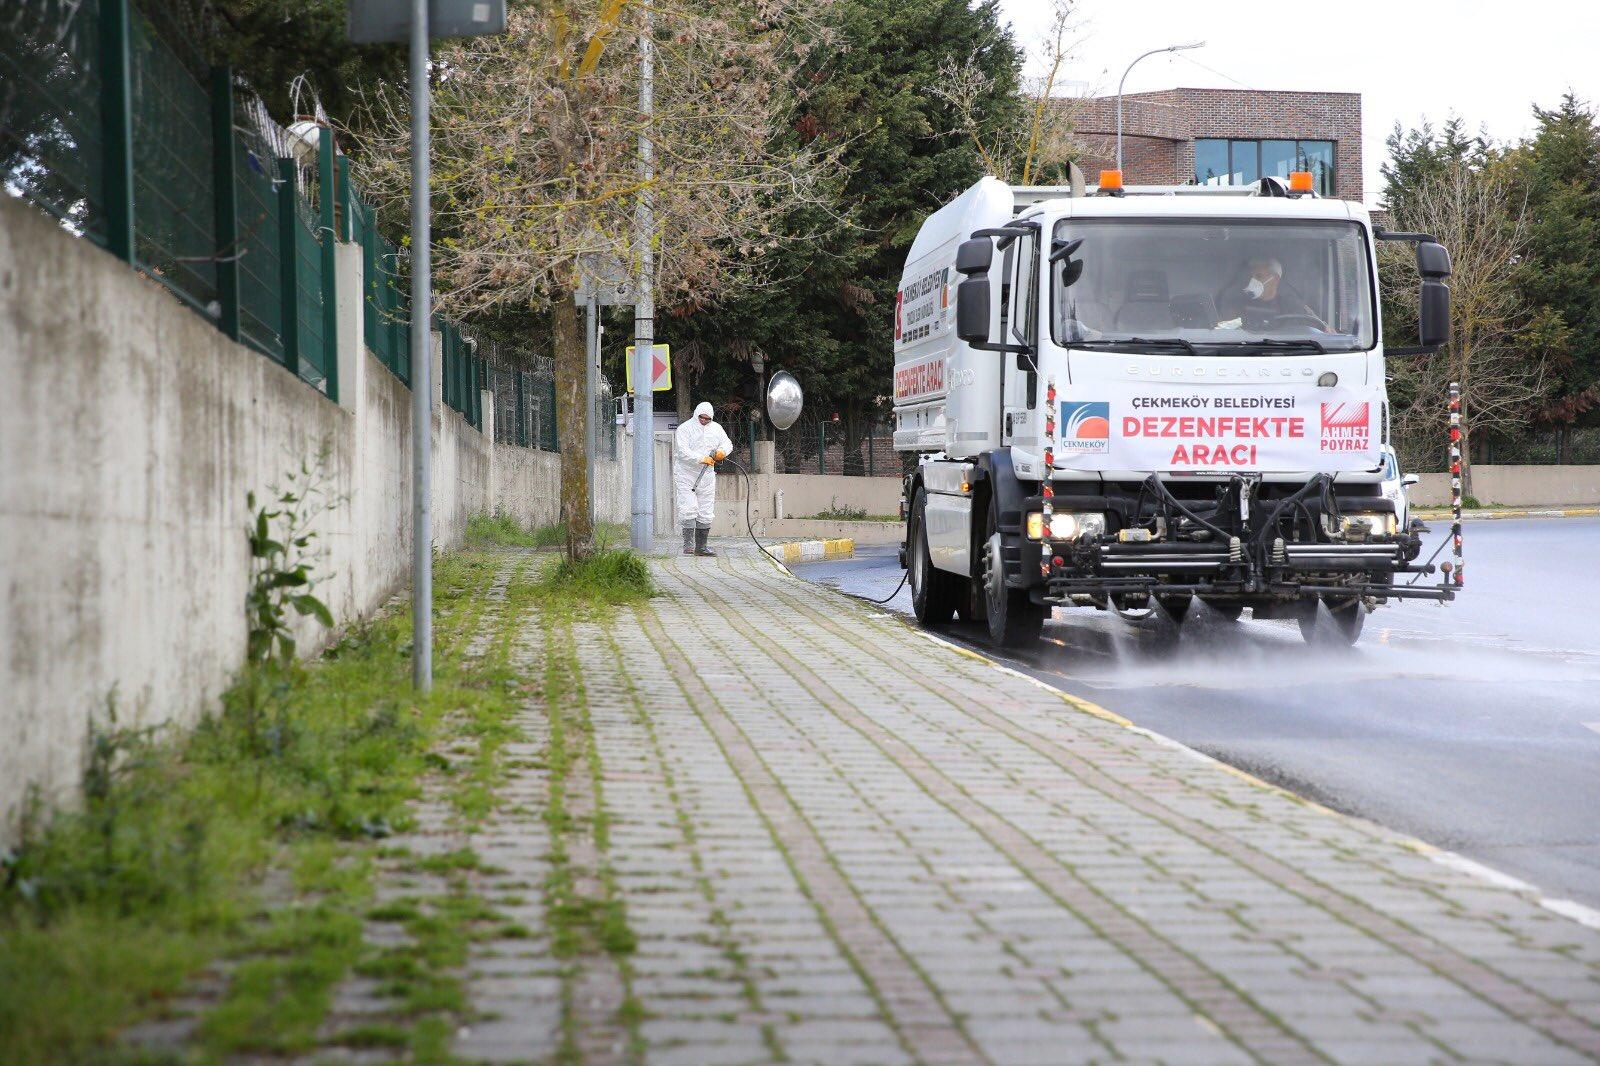 cekmekoey-de-cadde-ve-sokaklar-dezenfekte-ediliyor